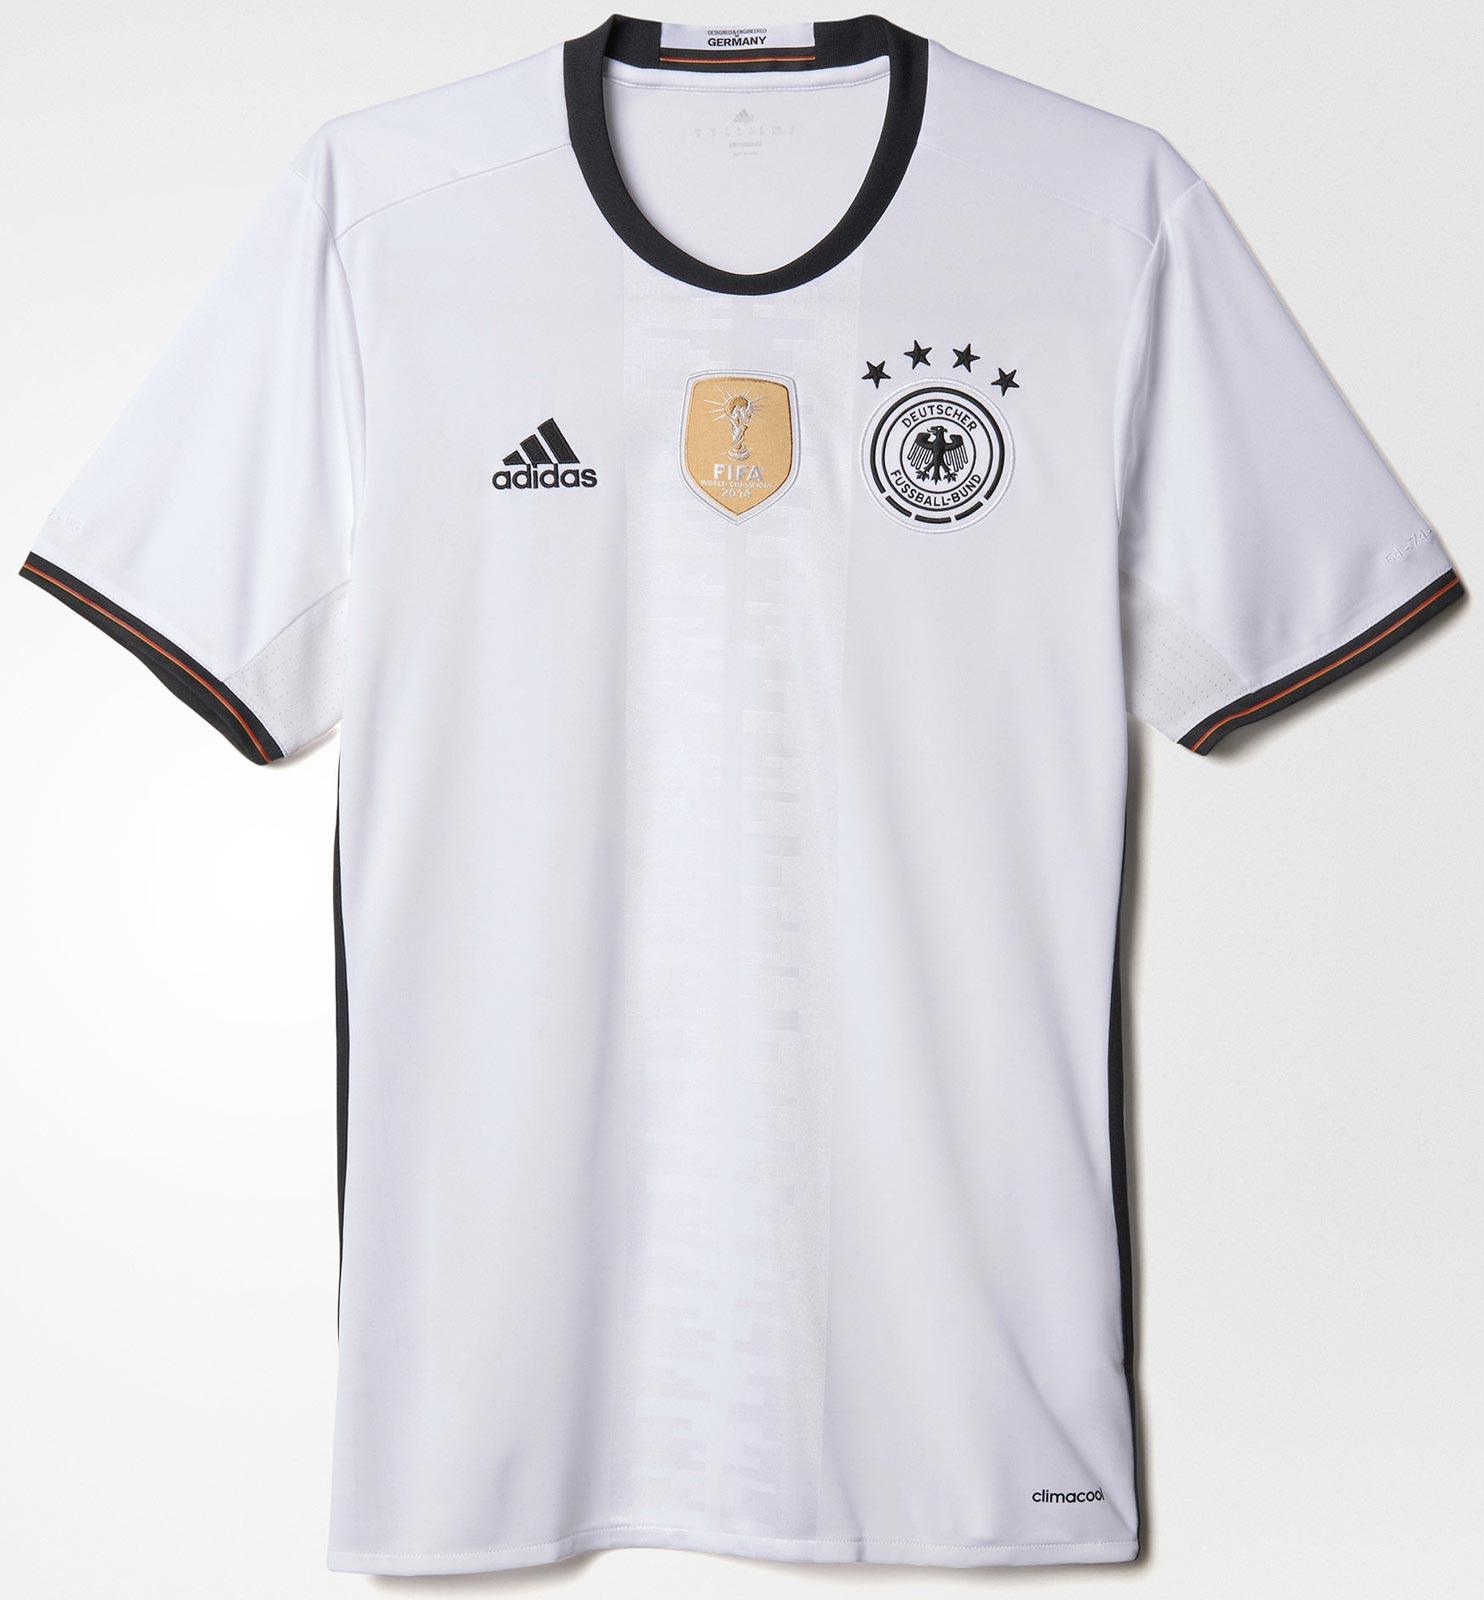 Camisas da UEFA Euro 2016 - Grupo C - Testando Novo Site 989b7542dbff4